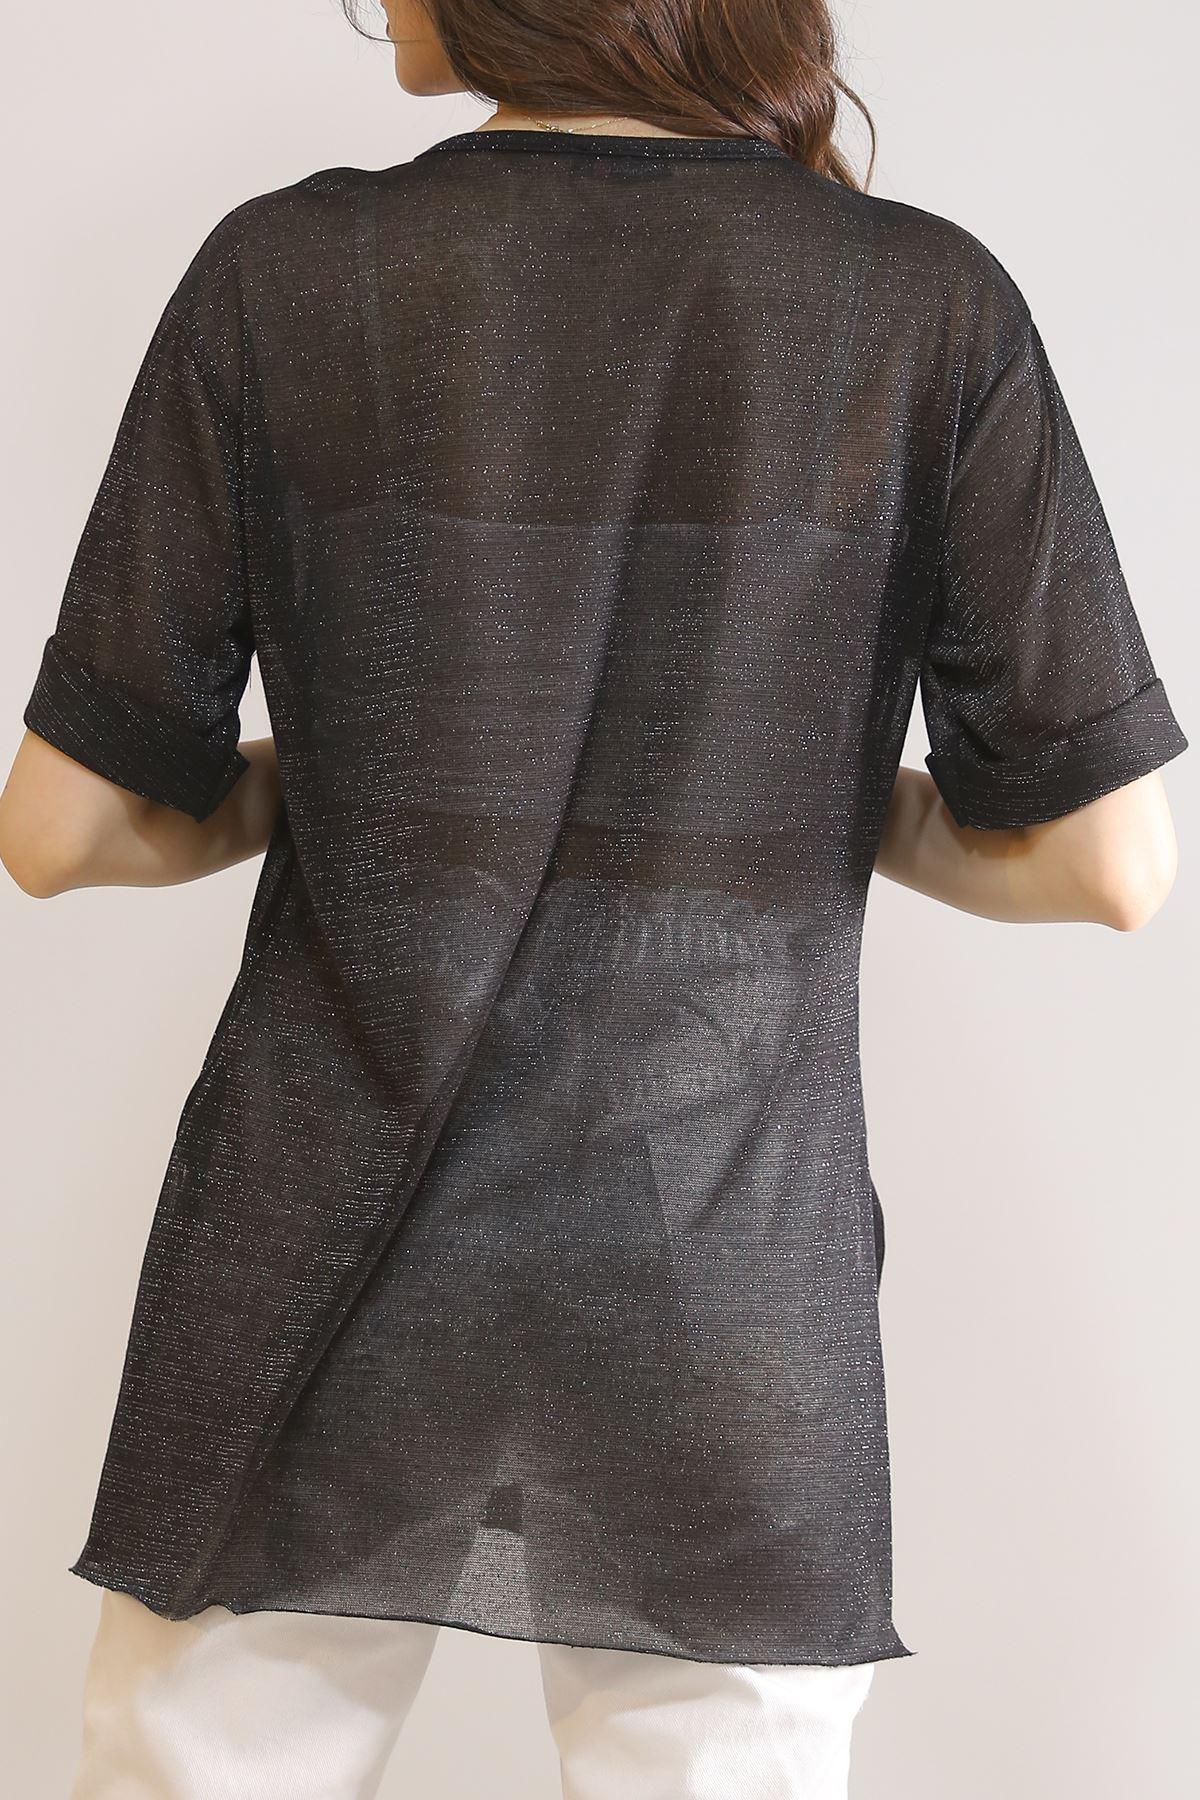 Transparan Tişört Siyah - 5847.1247.